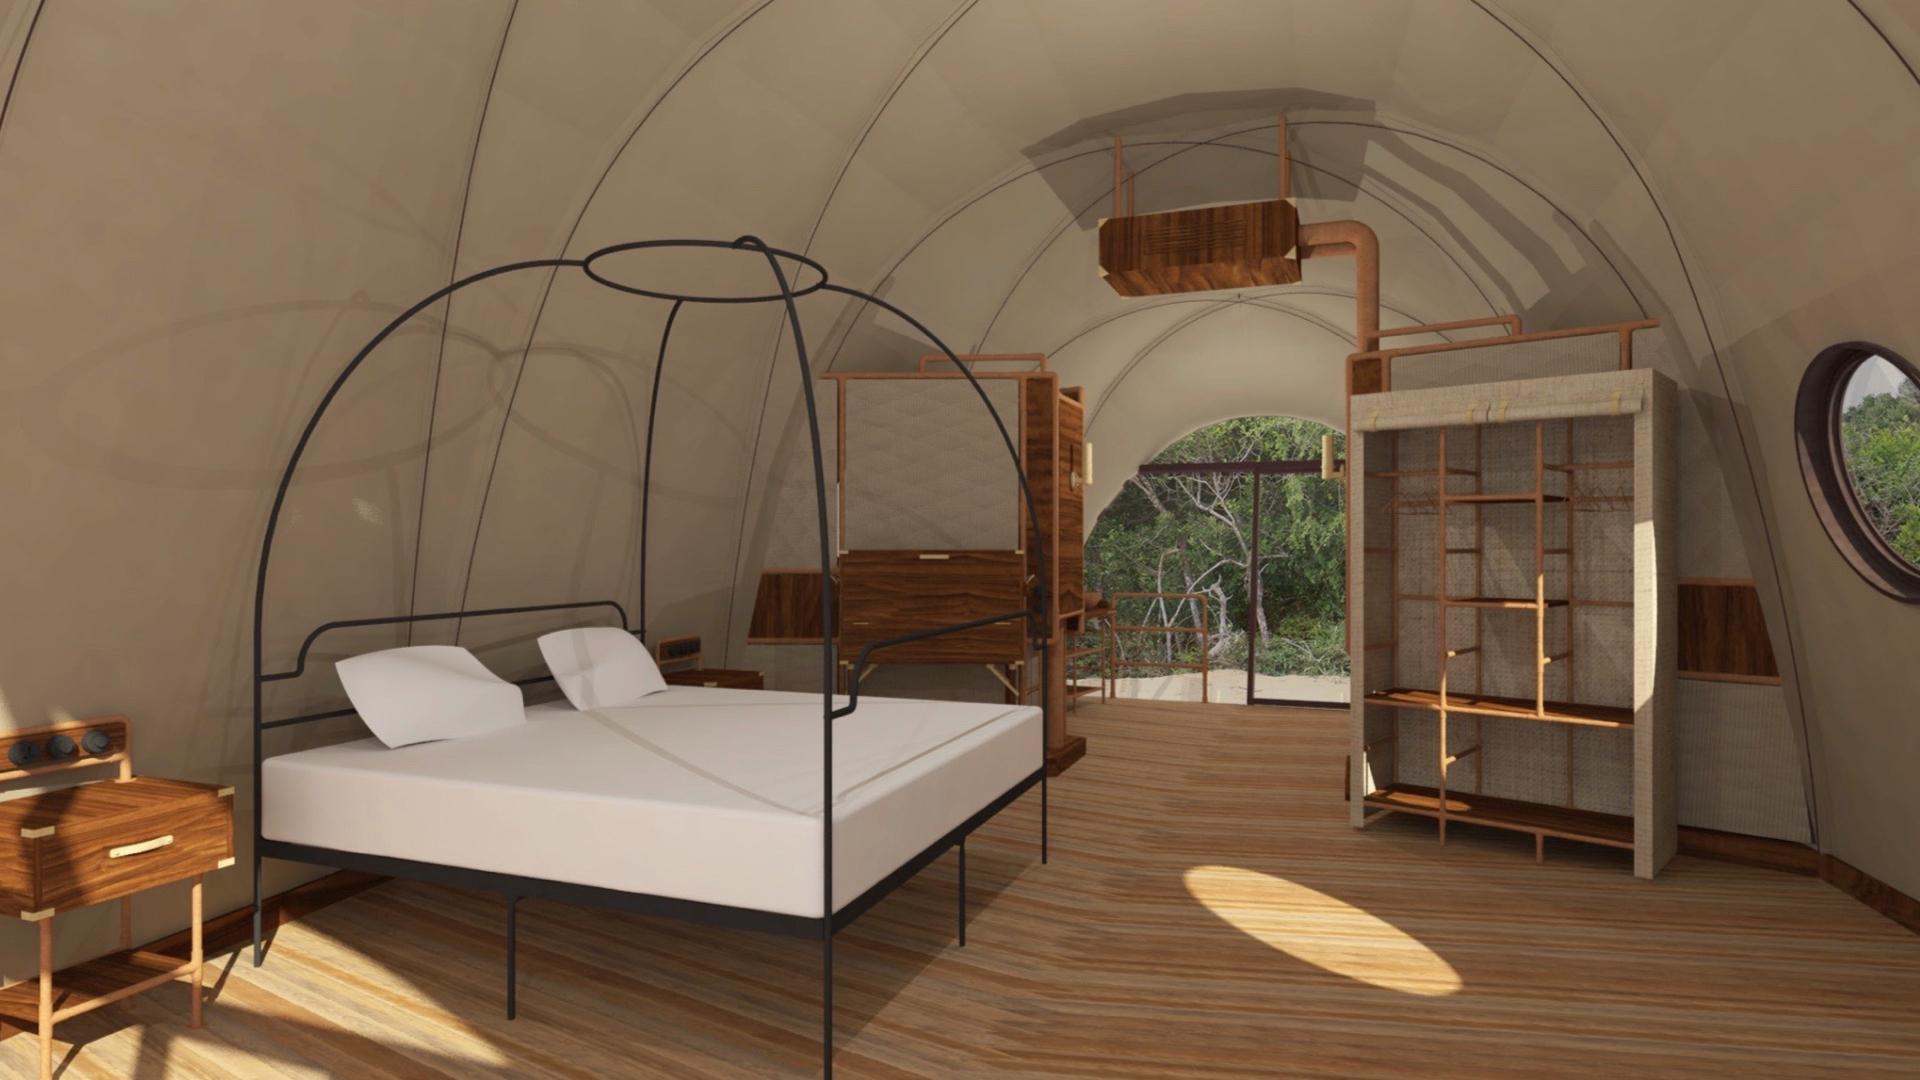 interior bedroom.jpg